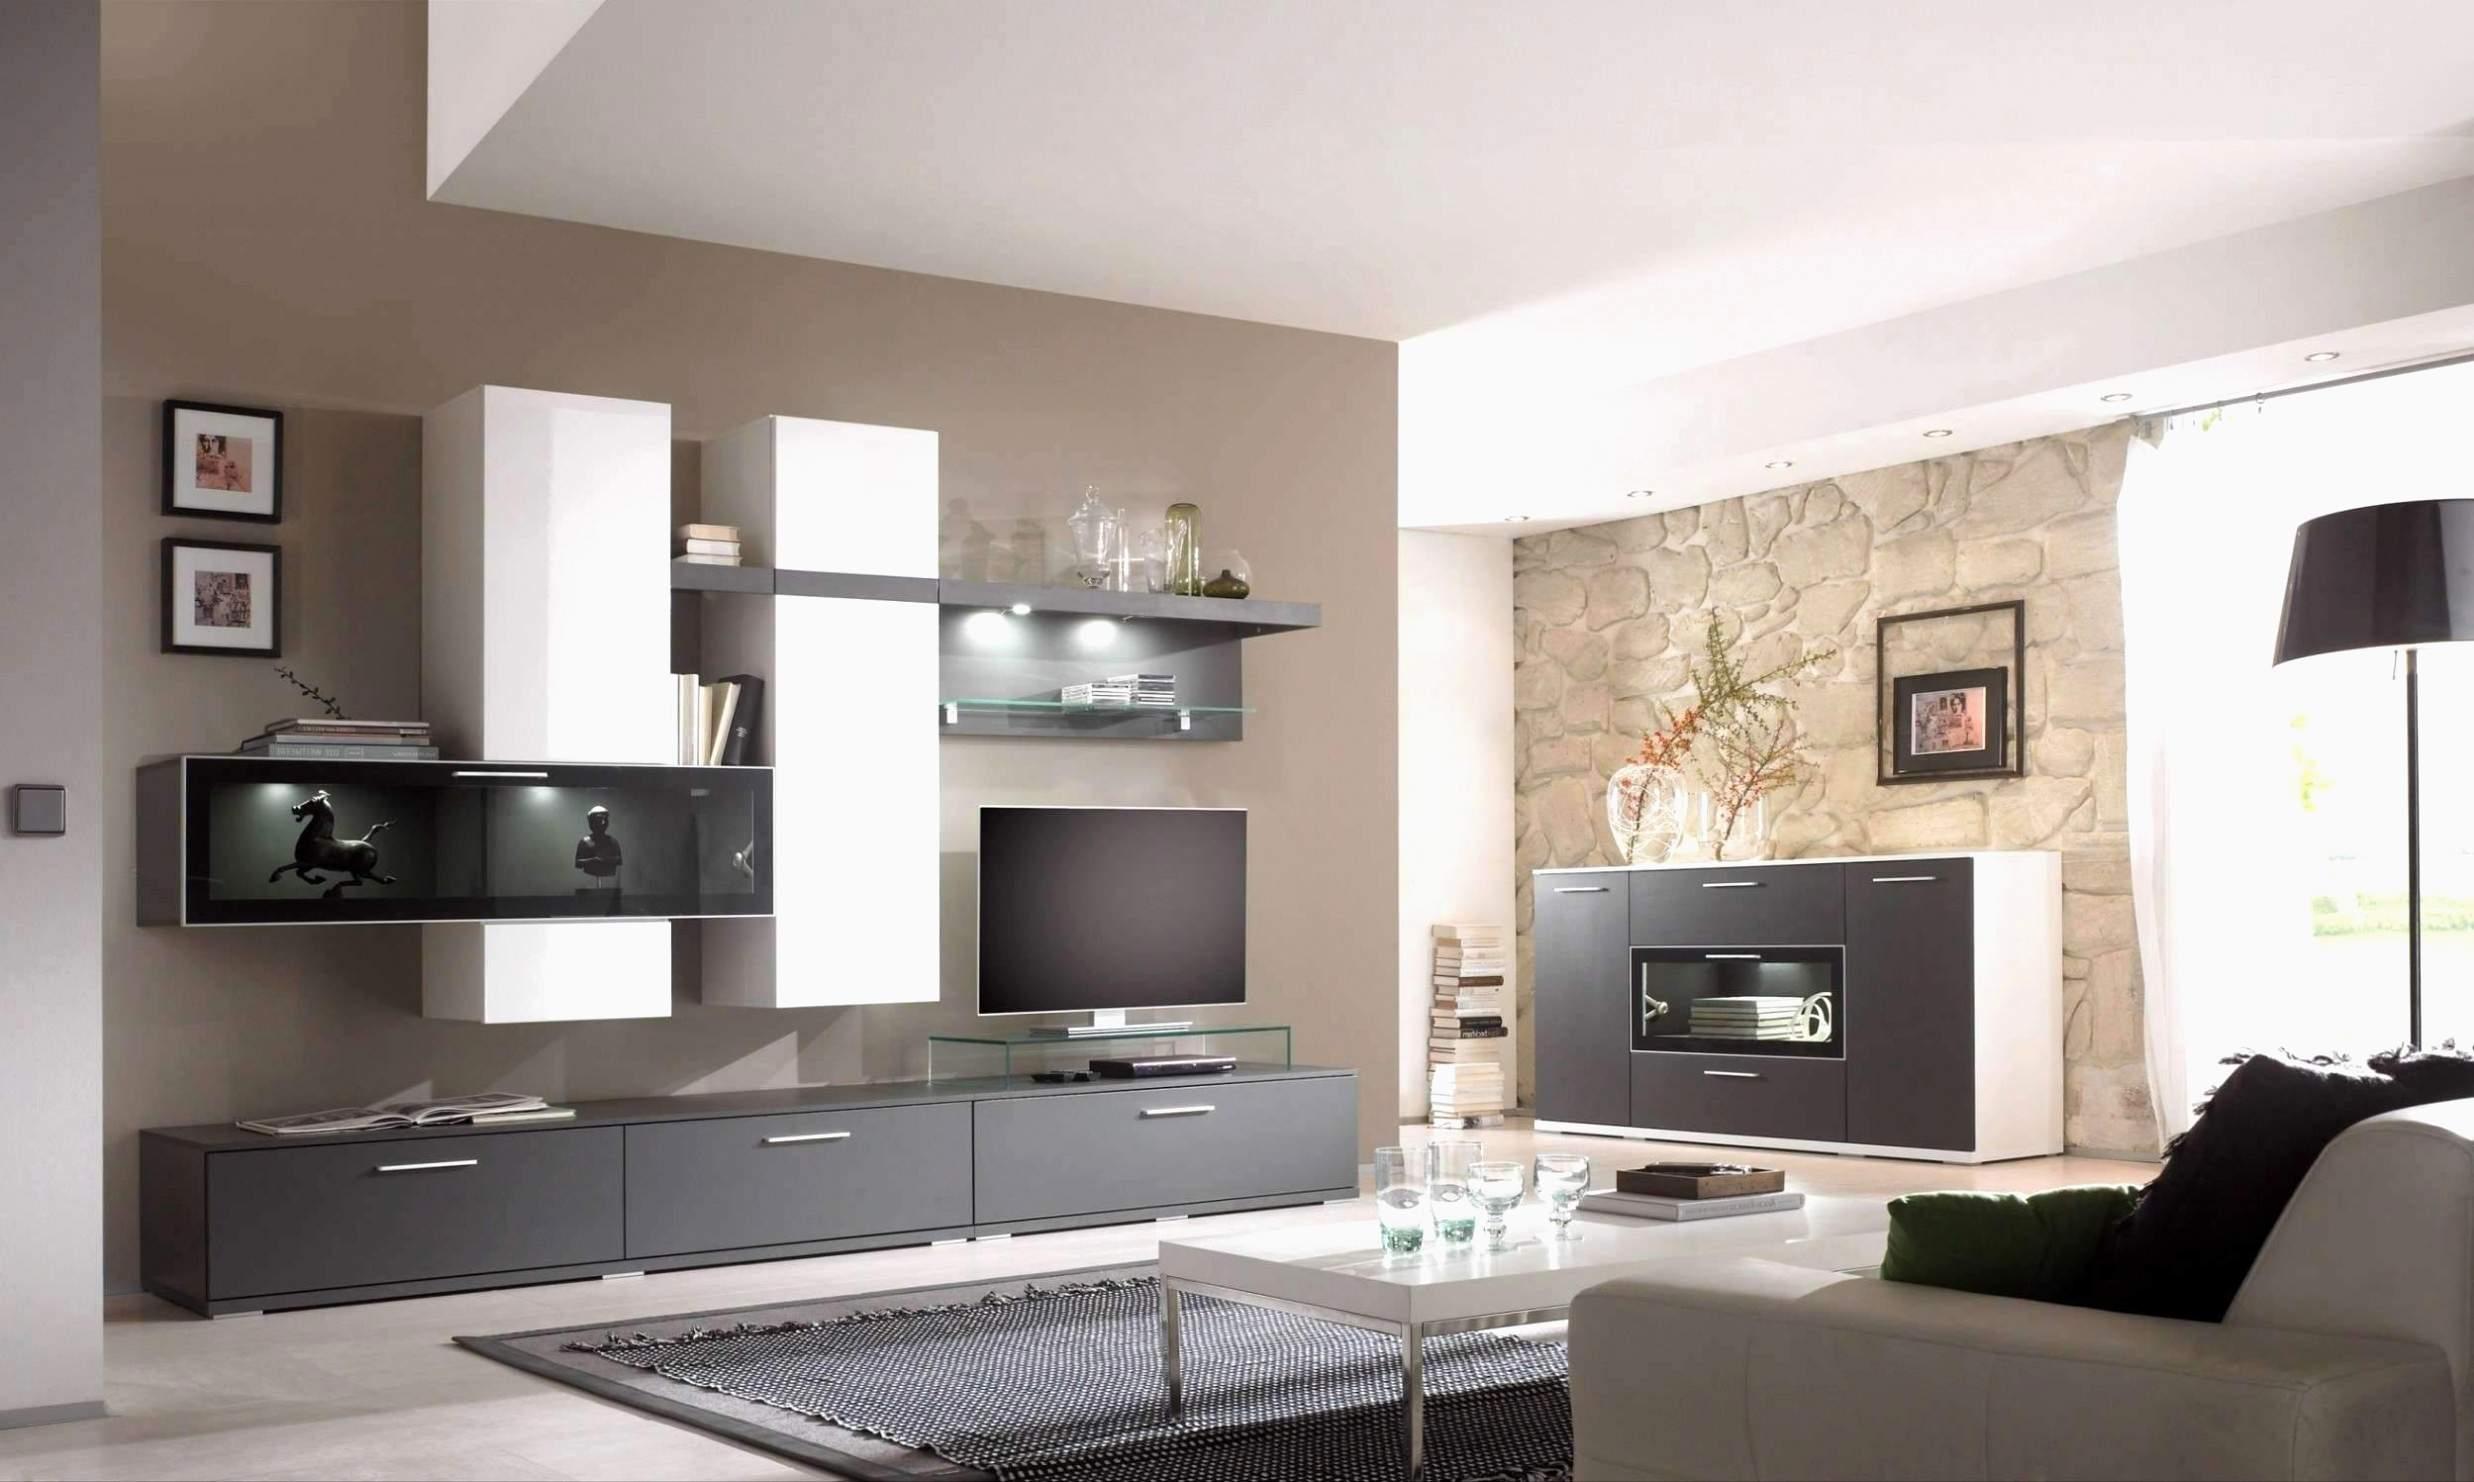 ideen wohnzimmer schon wohnideen wohnzimmer bilder modern und luxus kamin modern 0d of ideen wohnzimmer